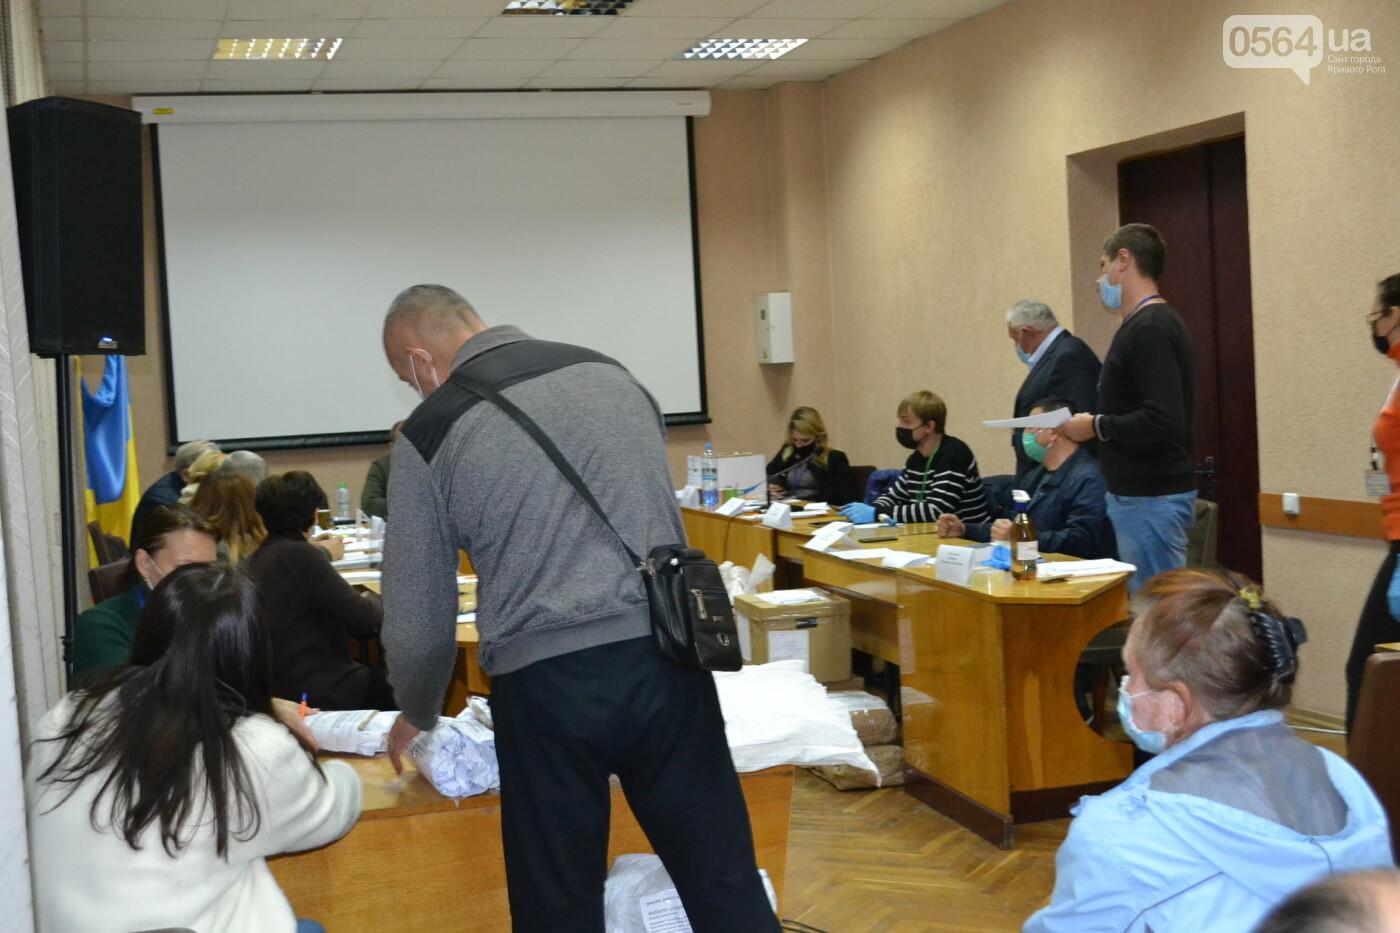 Криворожская ГИК приняла более 72% протоколов по выборам депутатов облсовета, - ФОТО, фото-9